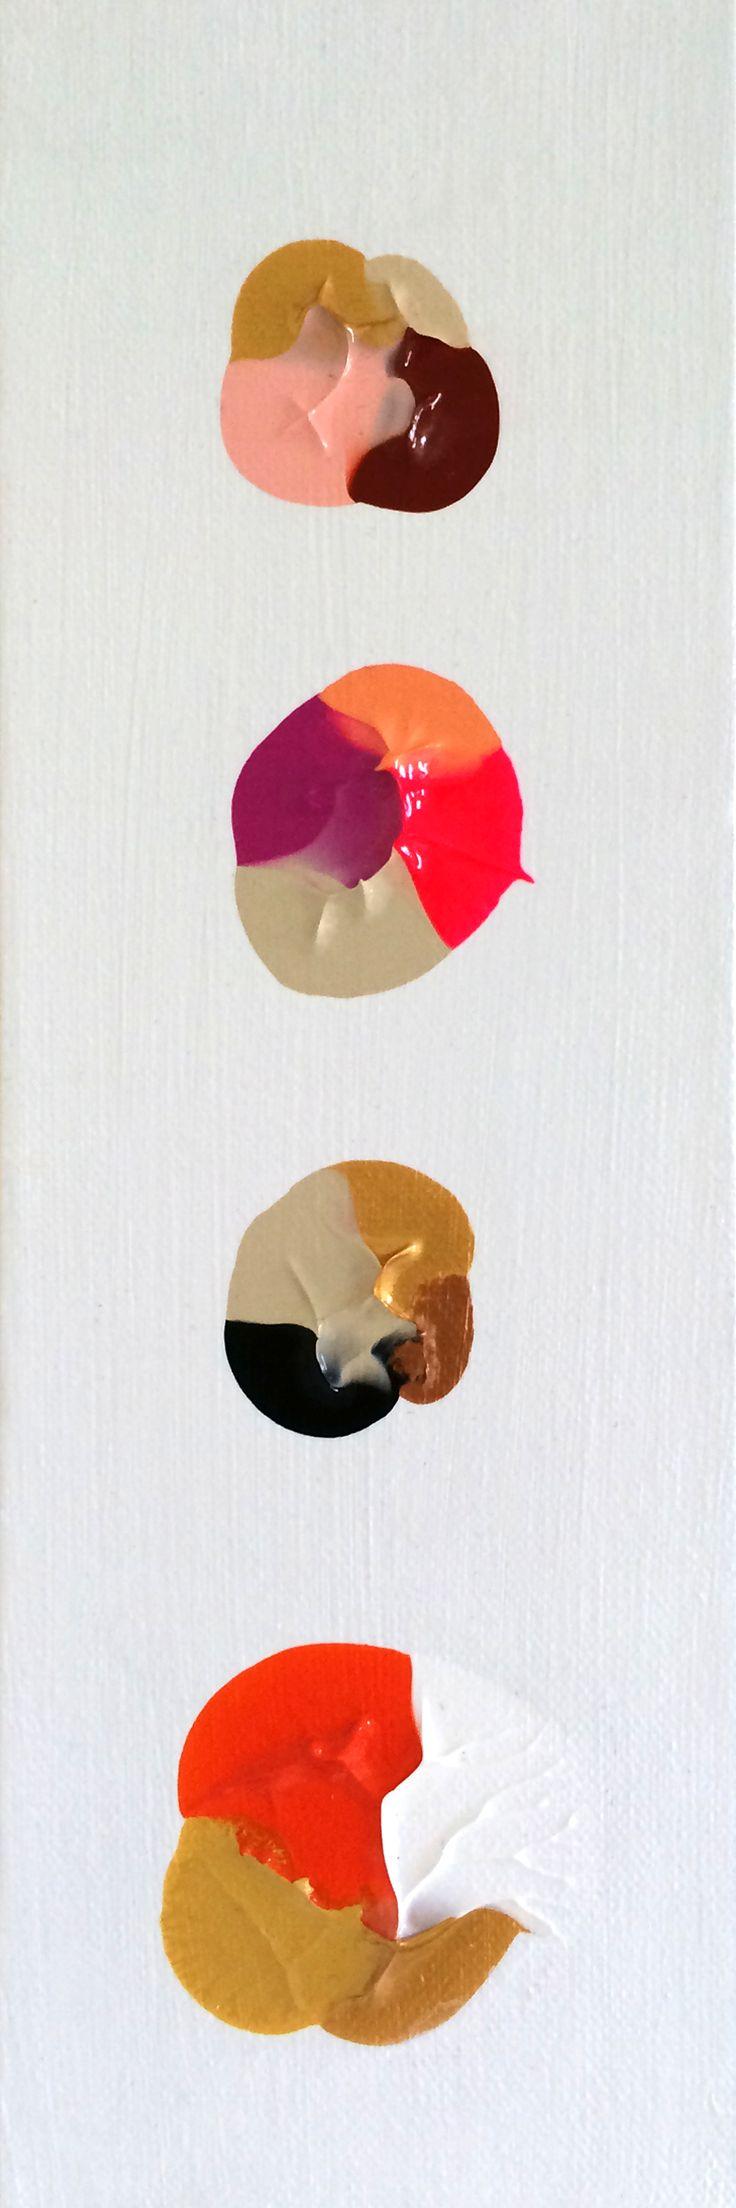 1392 best lab colour images on pinterest color combinations color canvas drop splotches press between 2 canvas have a set color quads logan ledford nvjuhfo Gallery